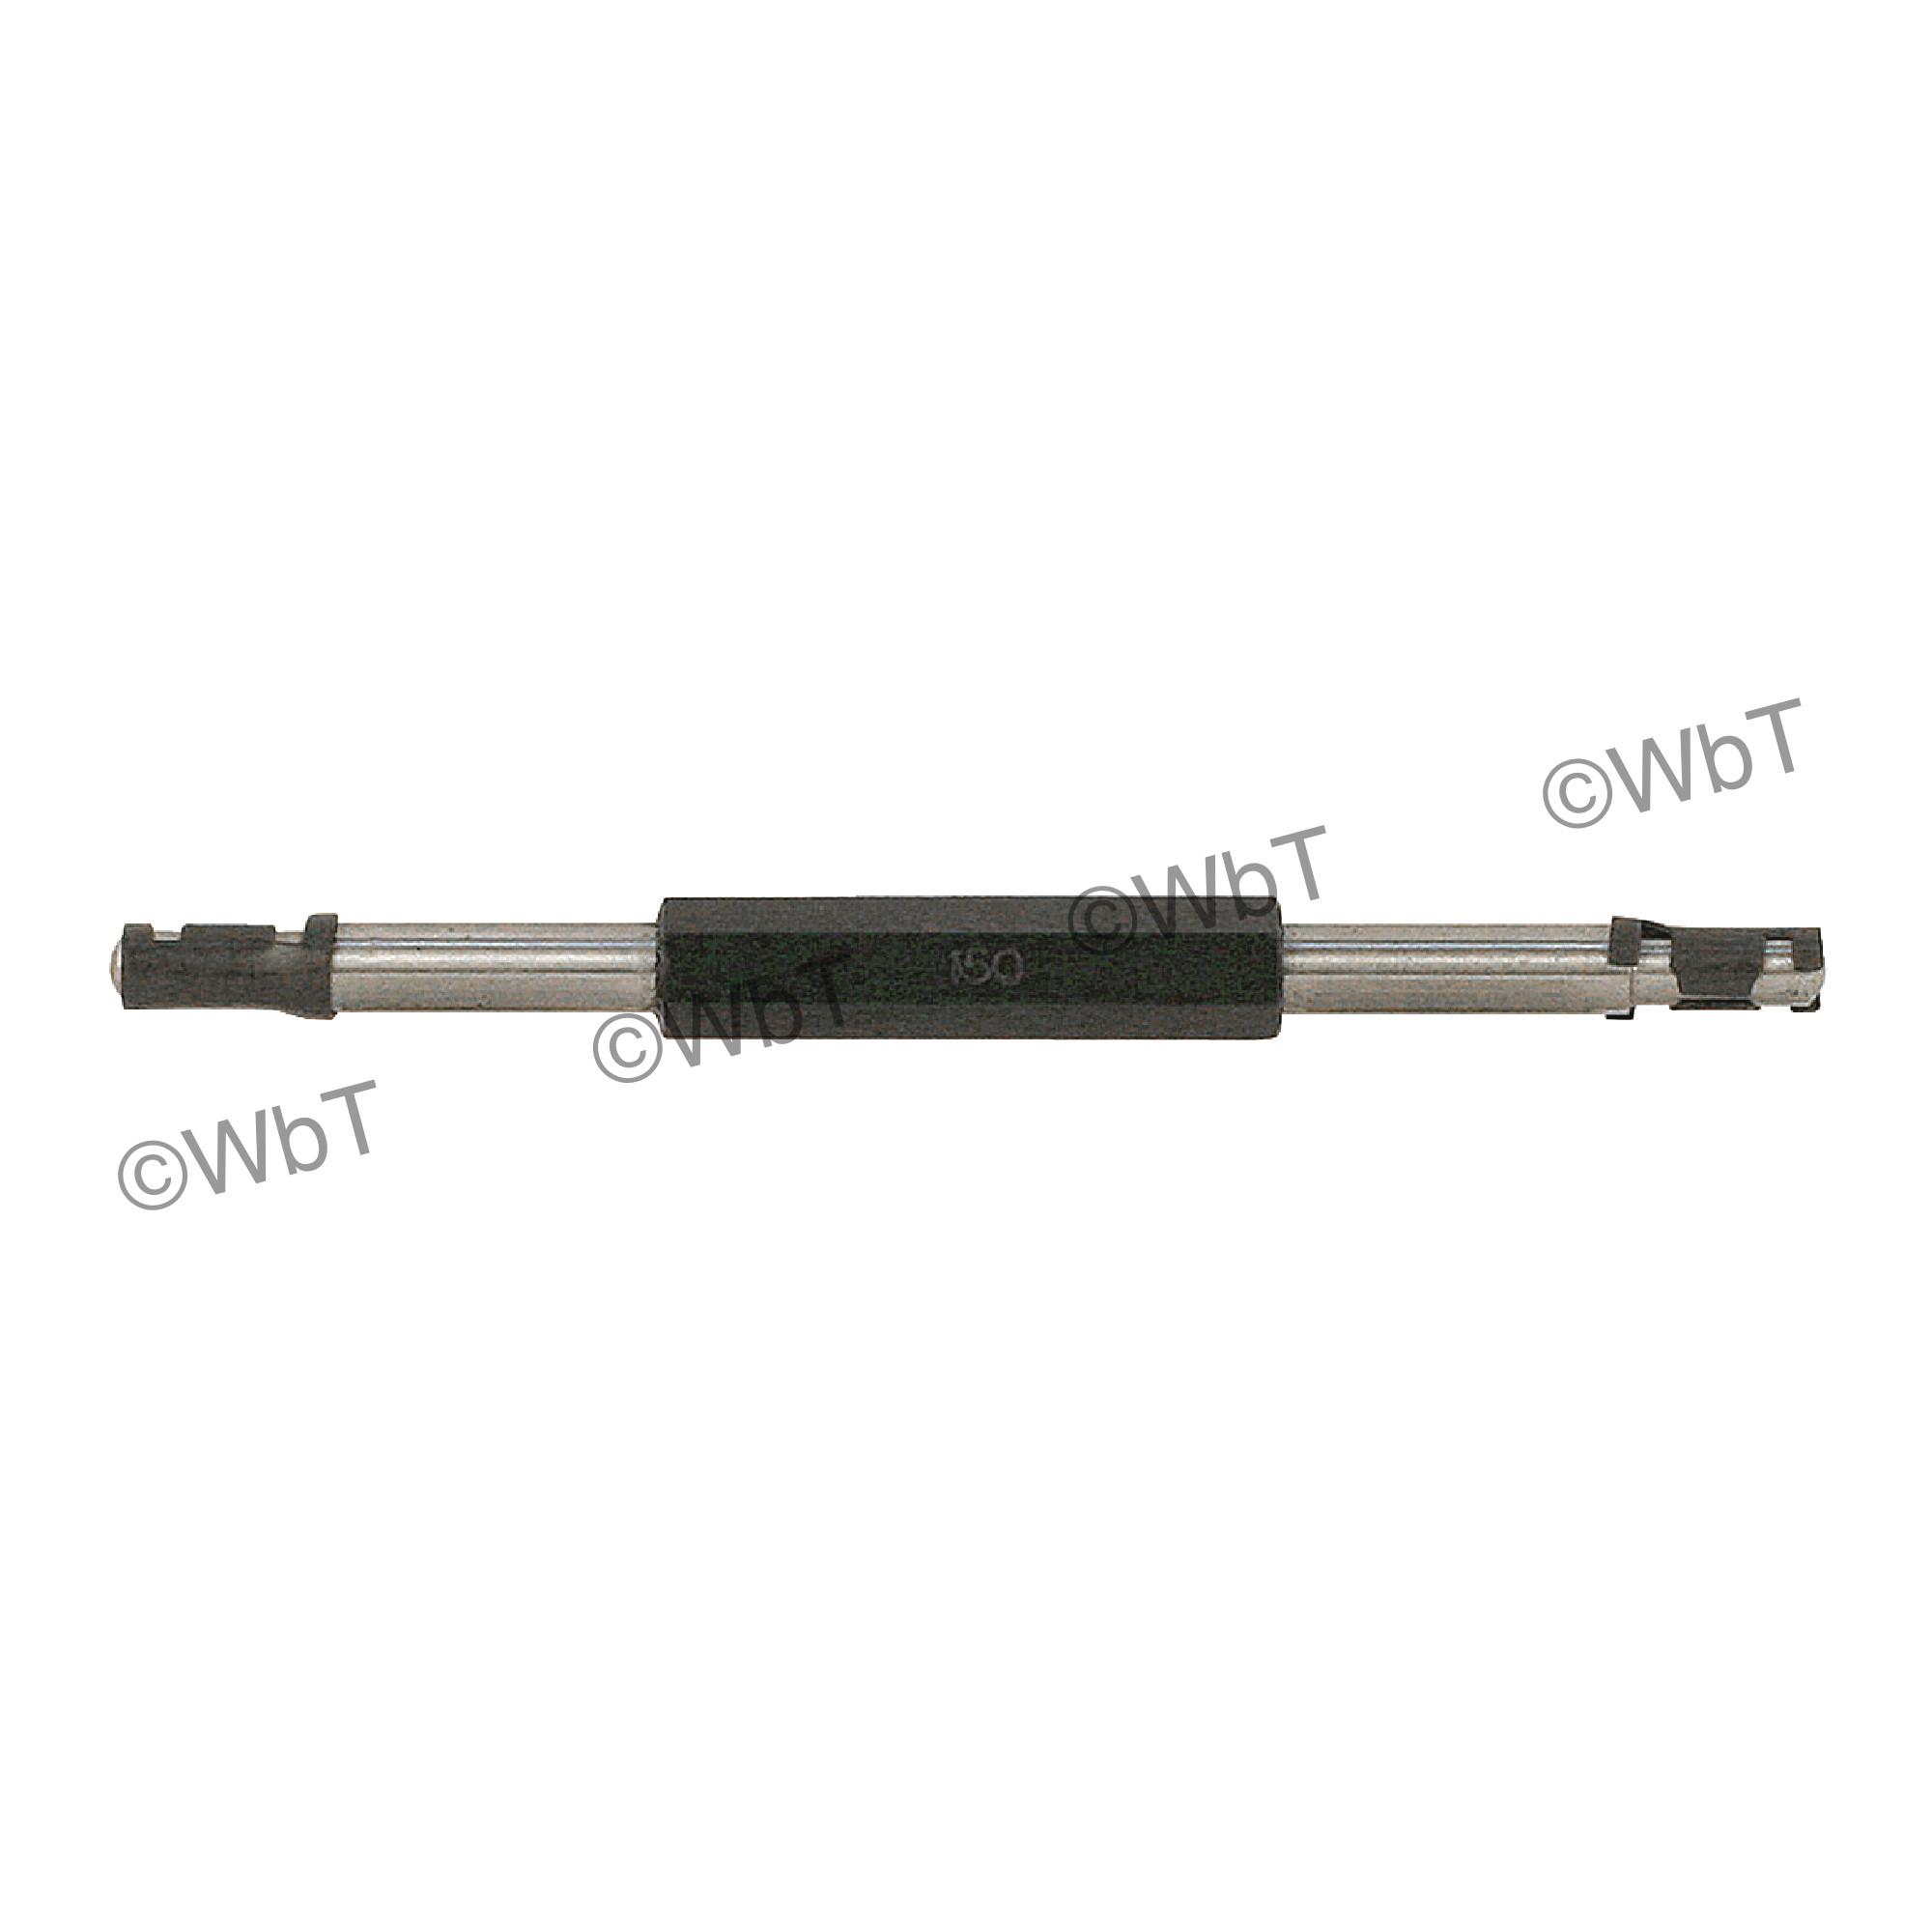 Micrometer Standard